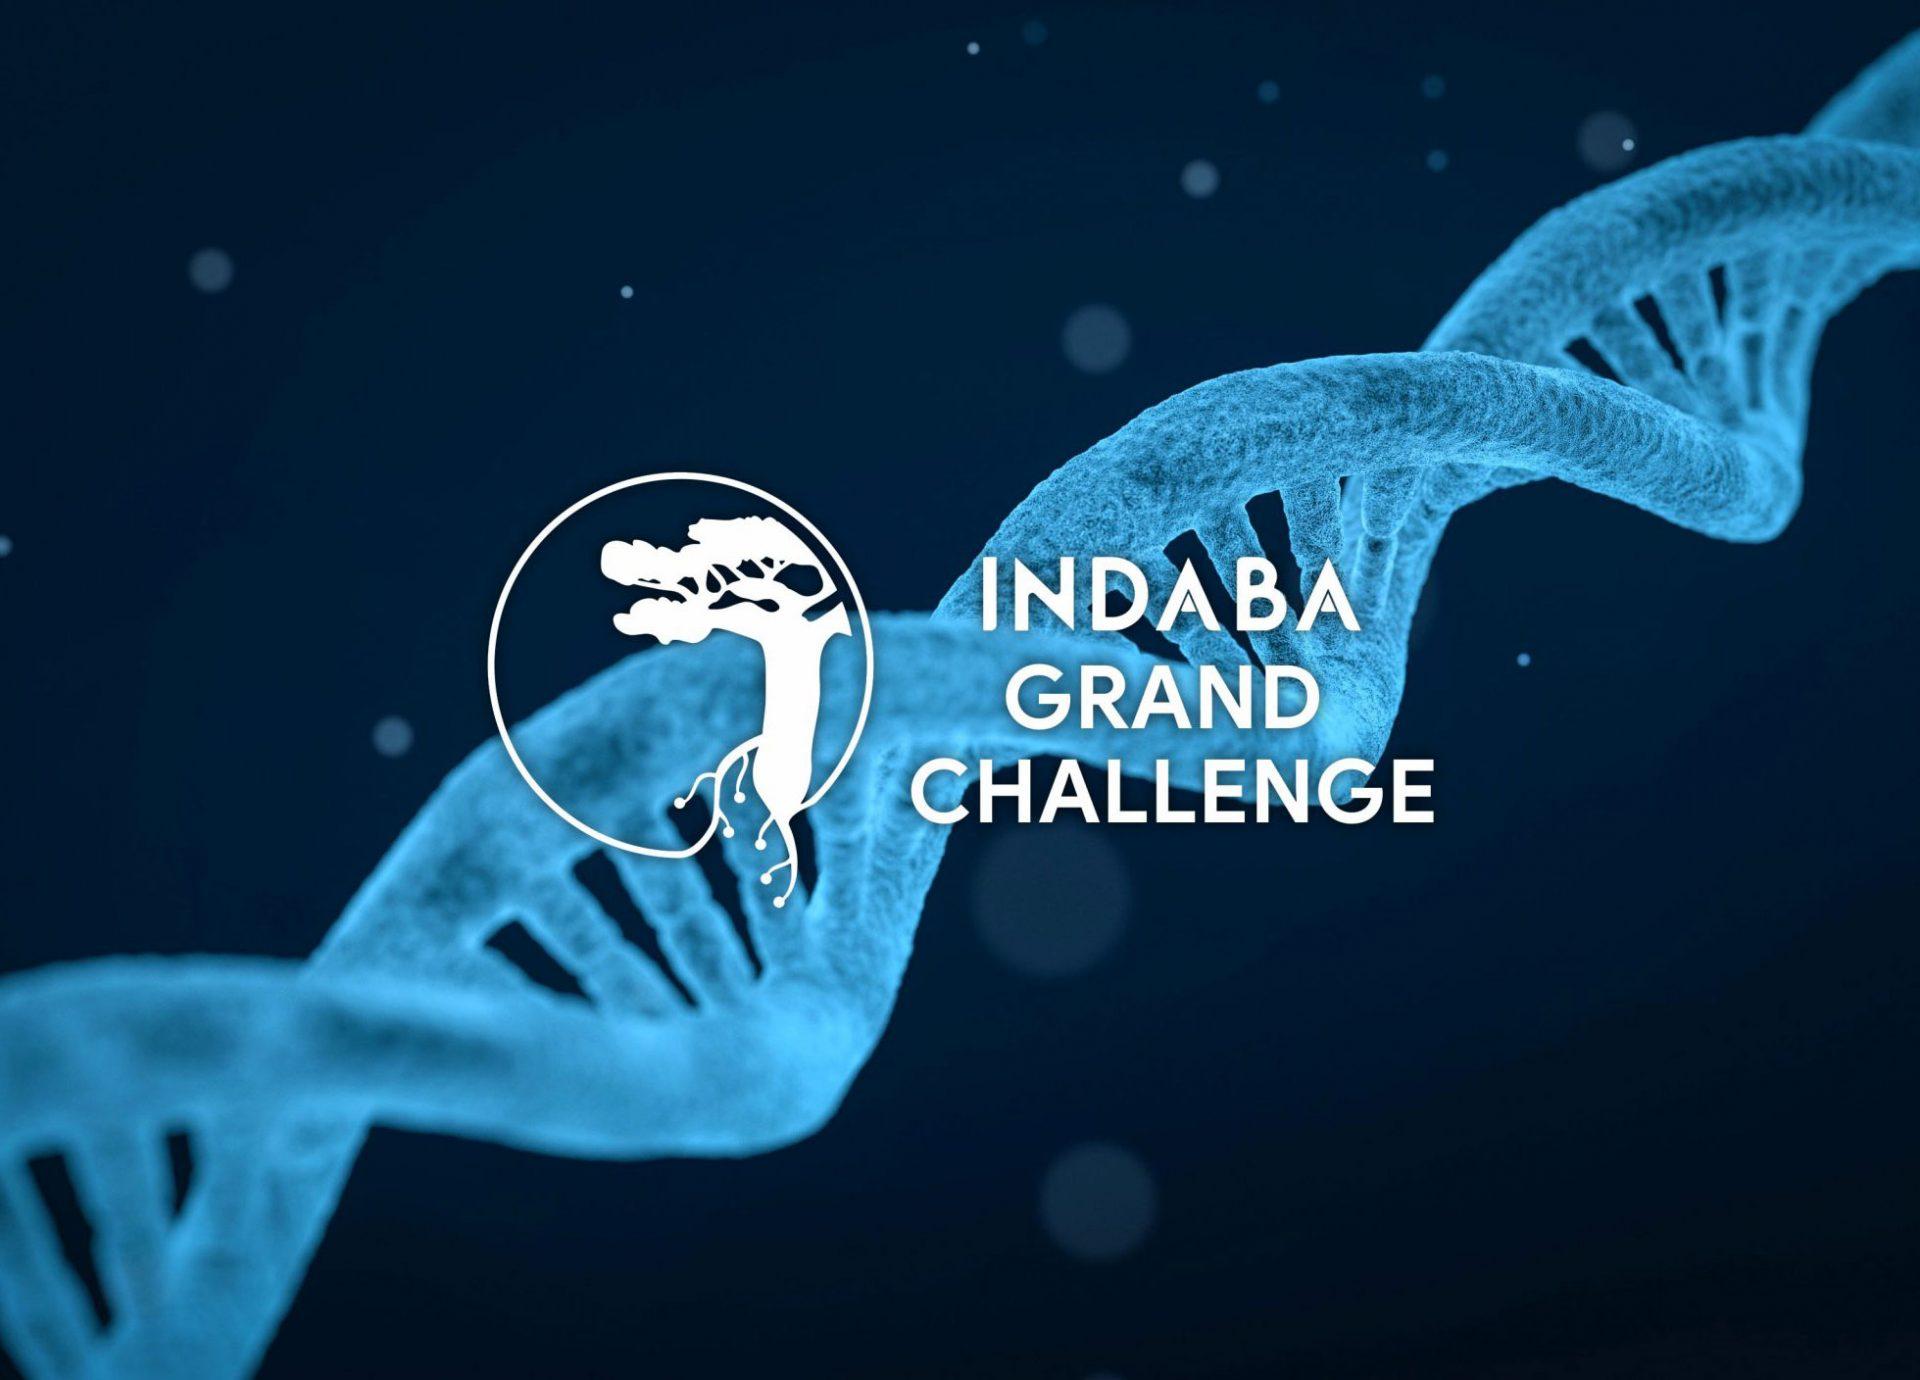 Indaba Grand Challenge